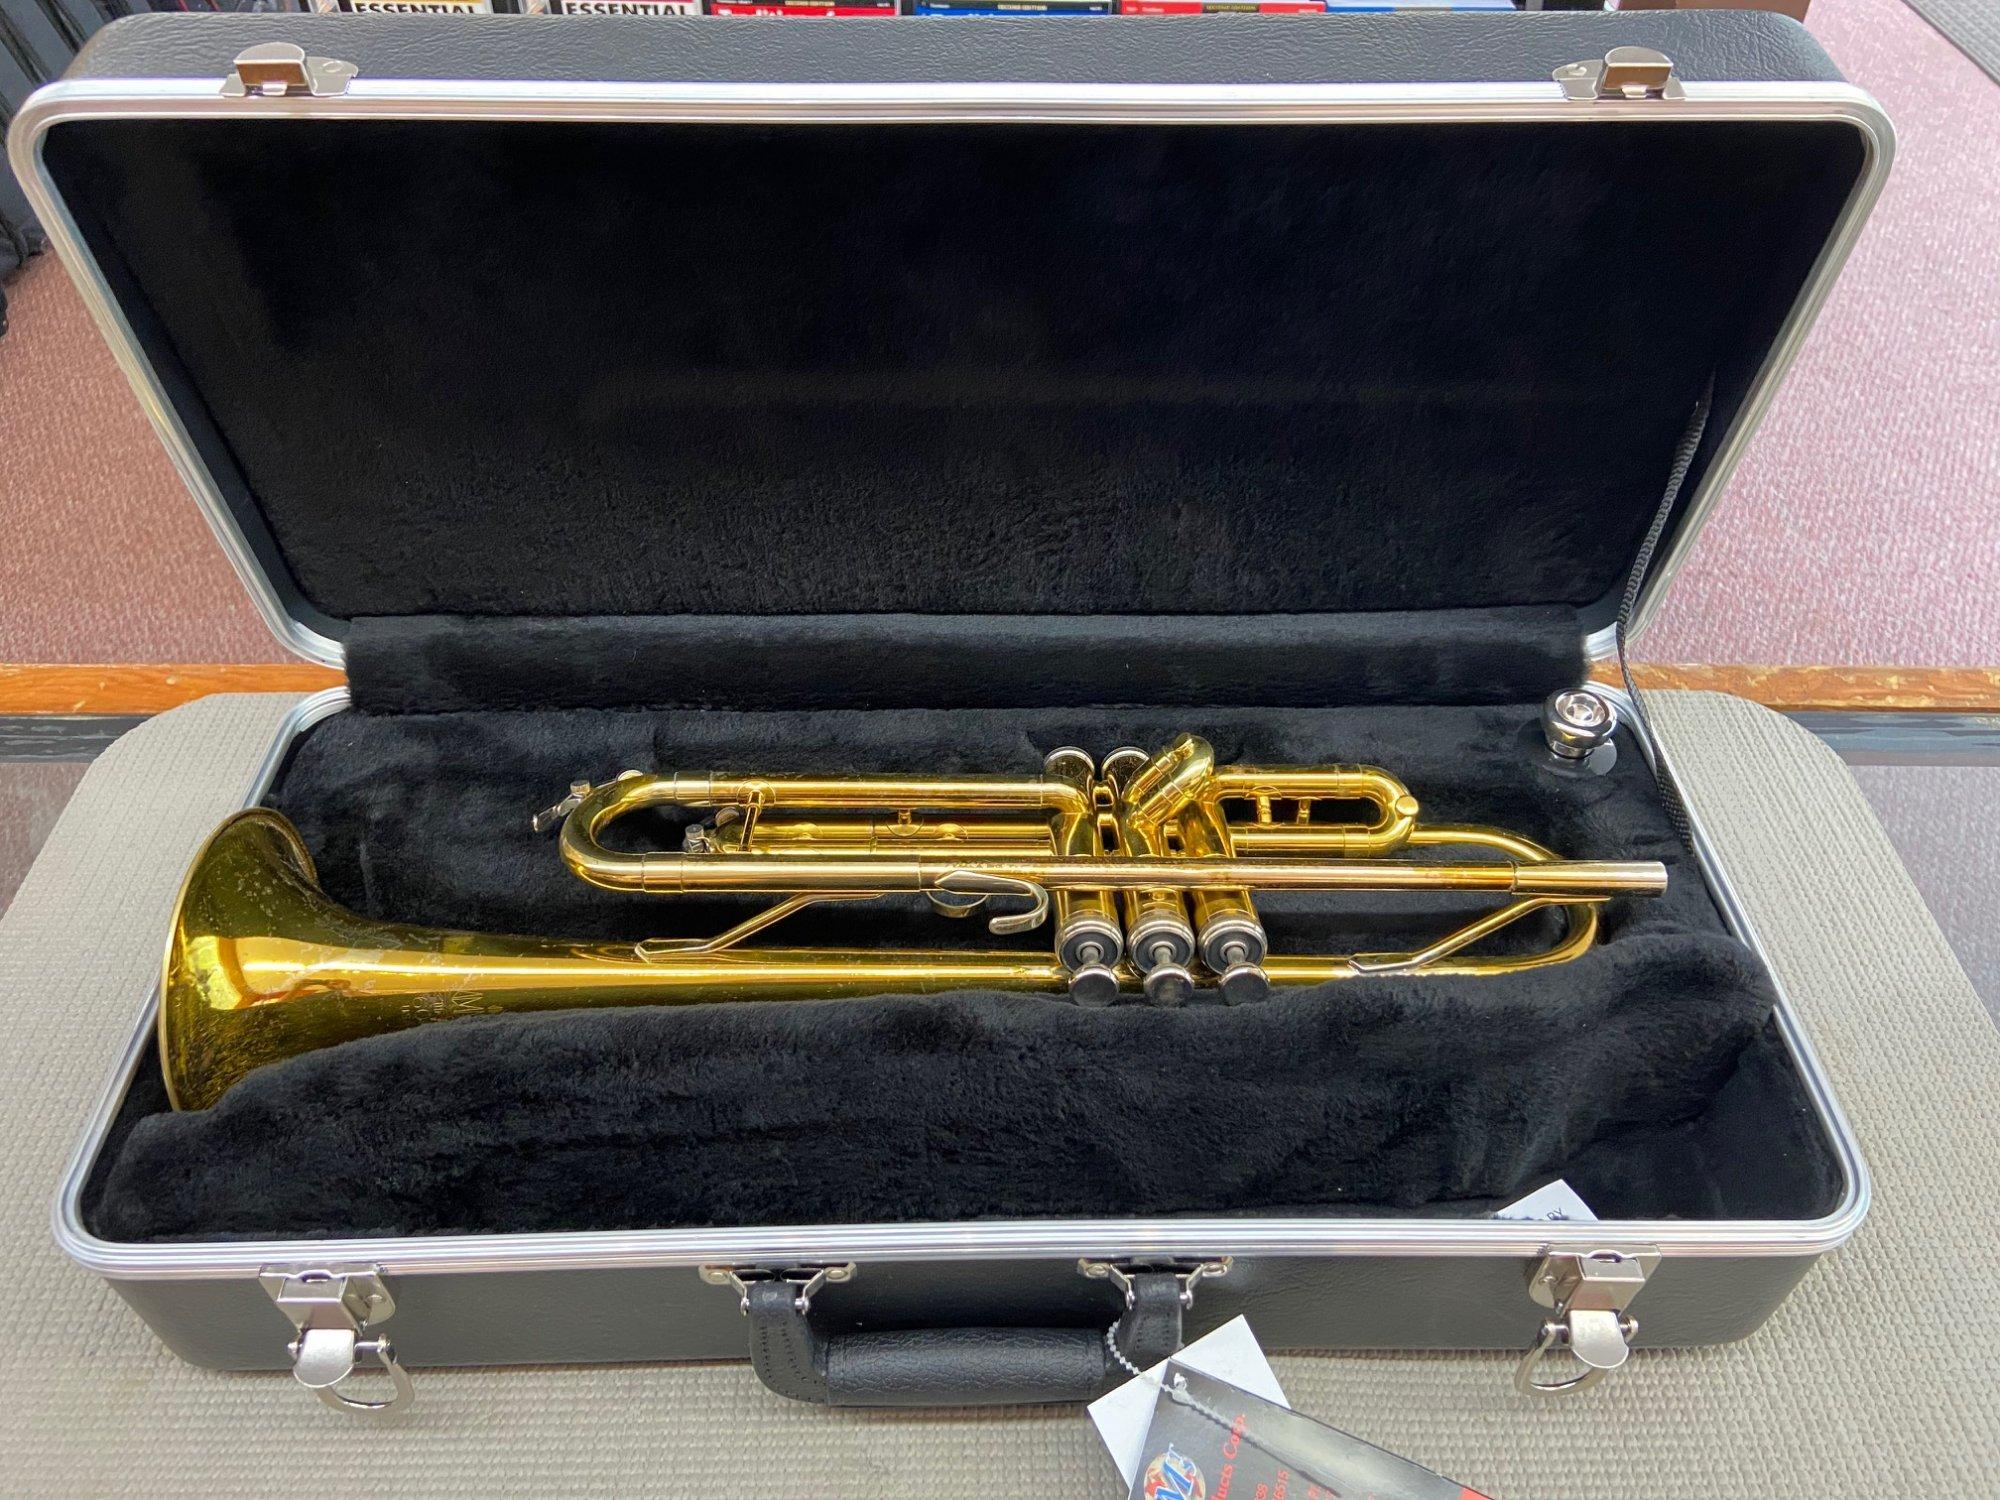 Used King 600 Trumpet